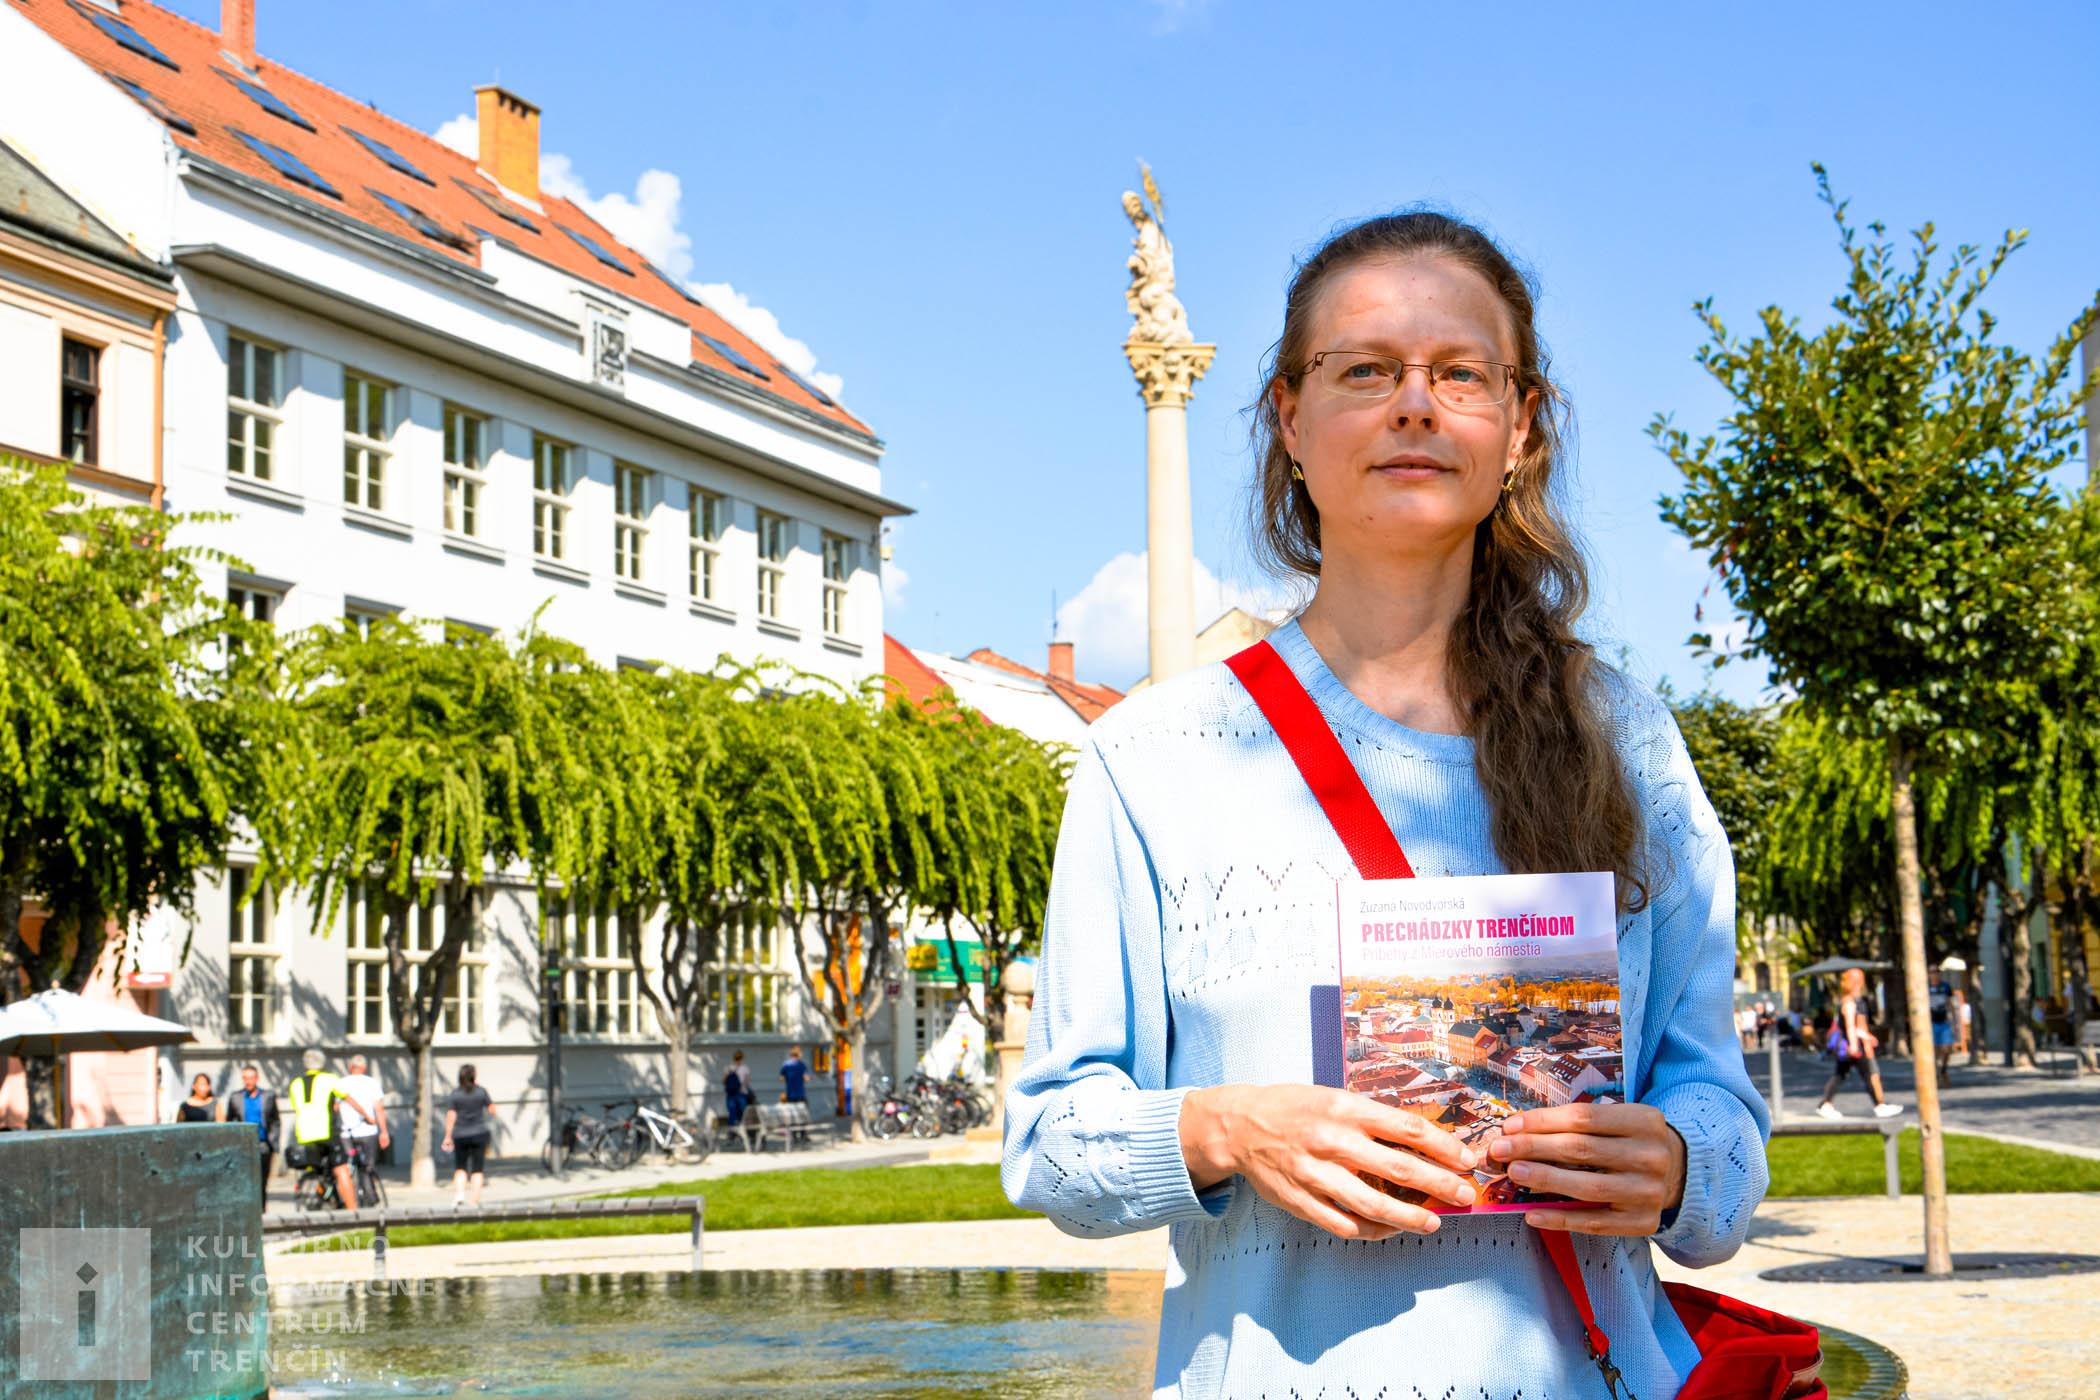 Prechádzky Trenčínom - autorka Zuzana Novodvorska